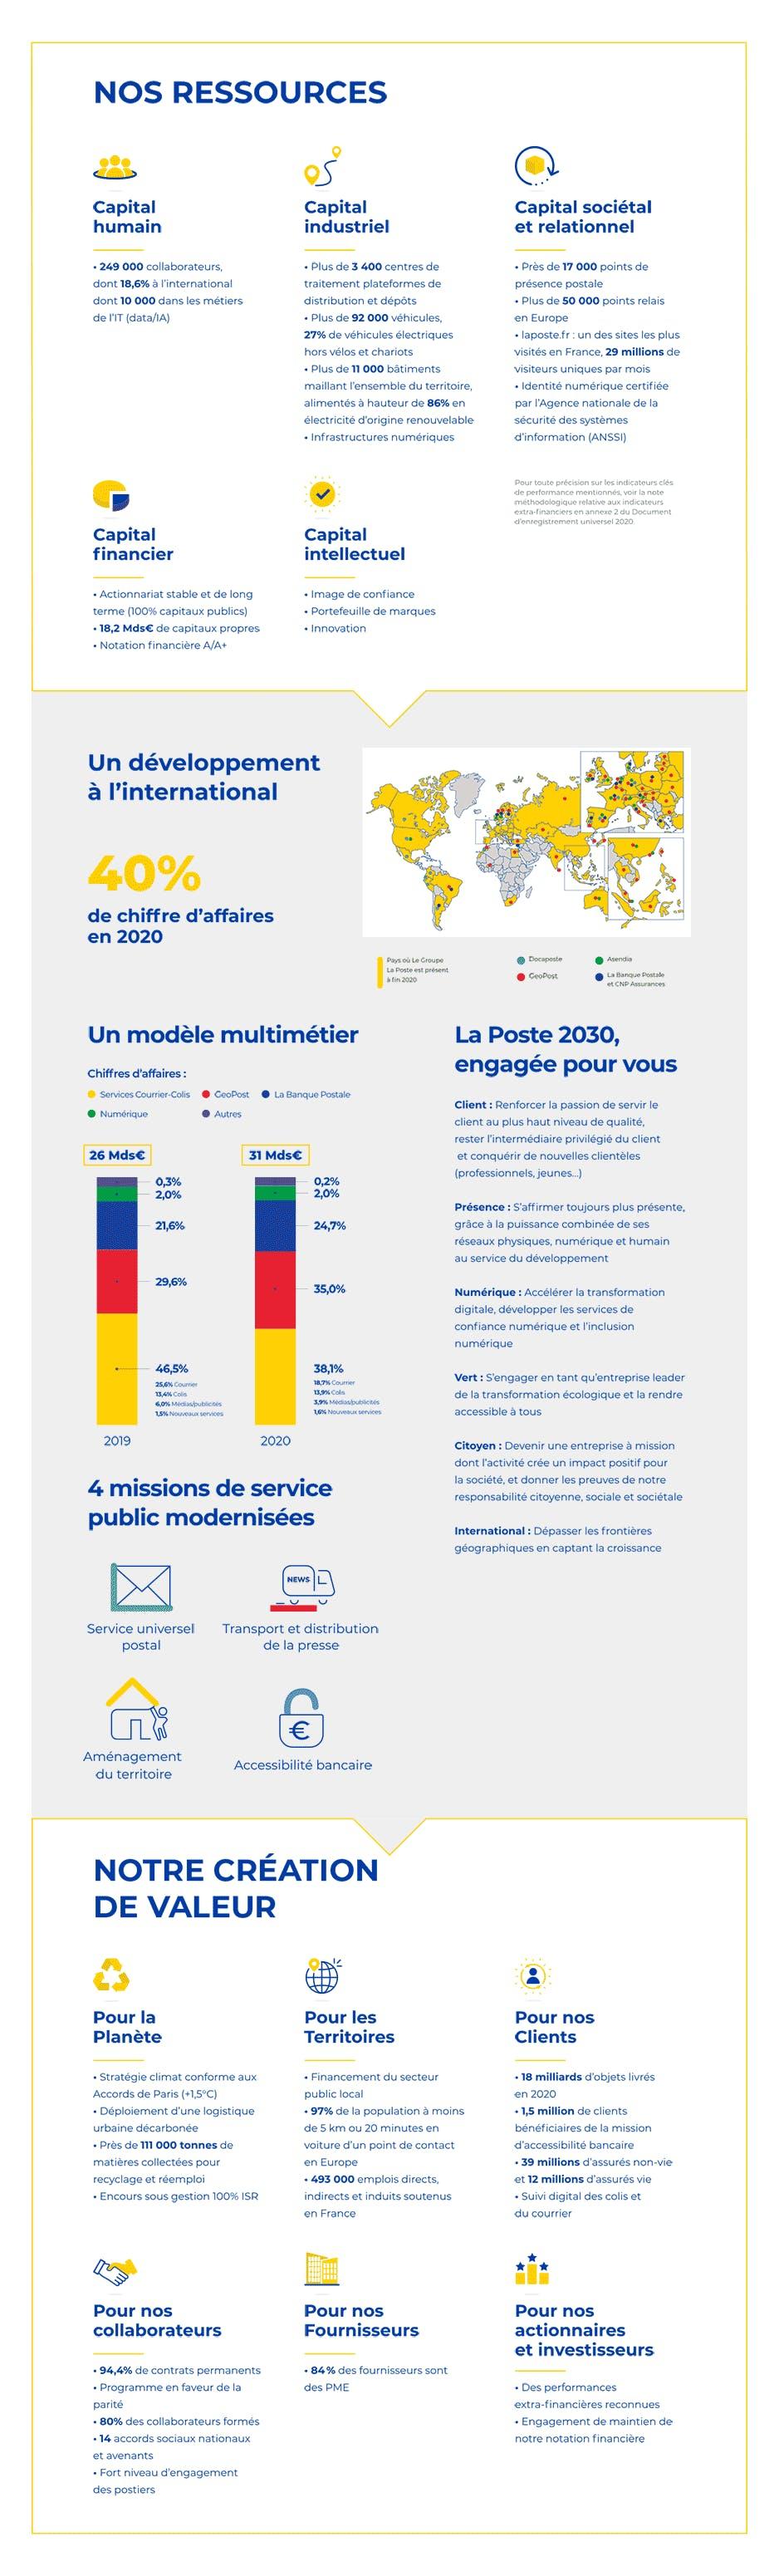 Le modèle d'affaires du Groupe La Poste